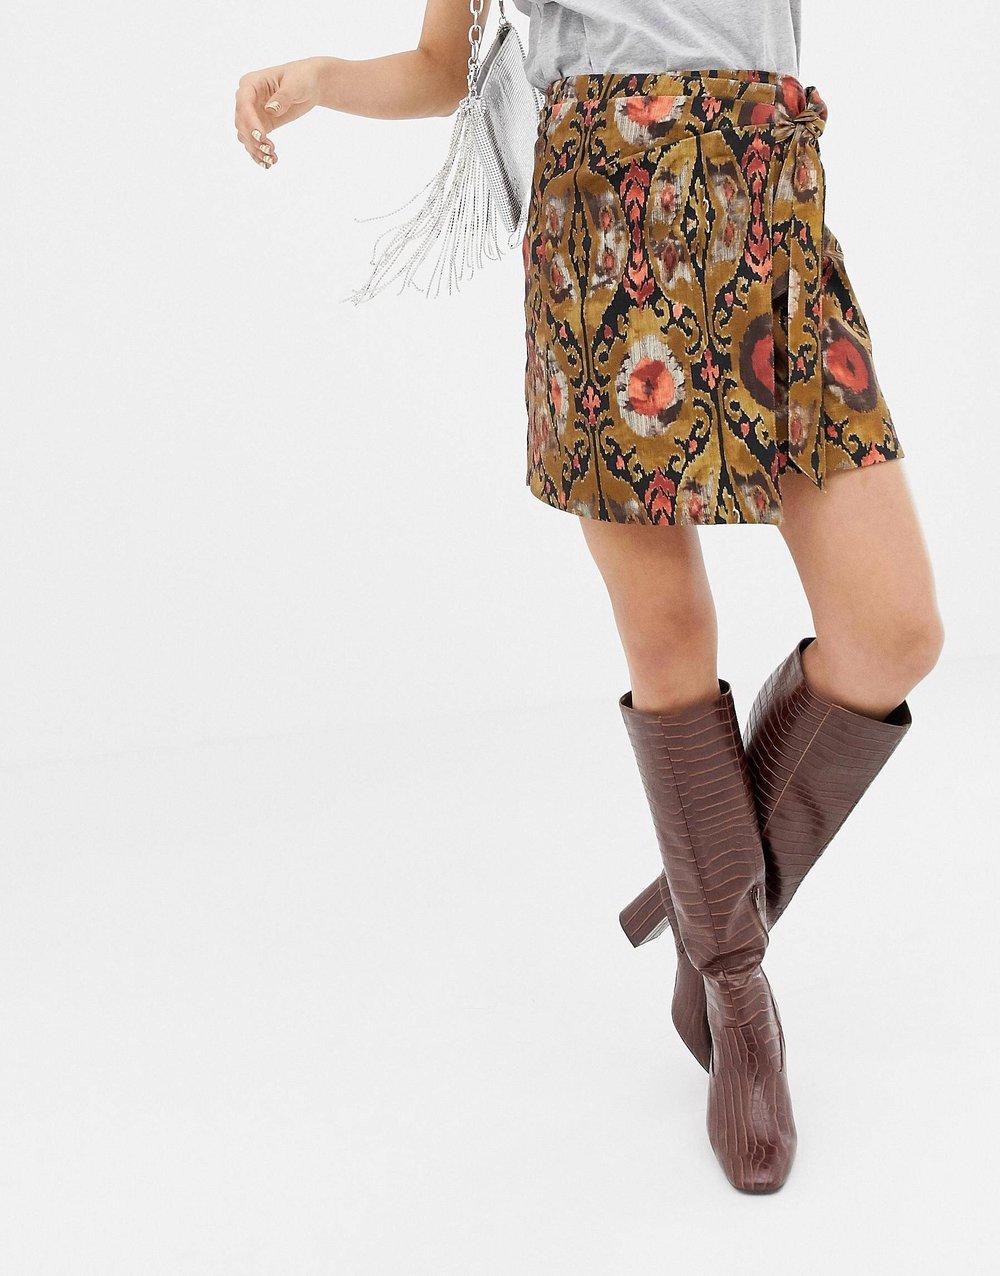 MANGO wrap Skirt ASOS